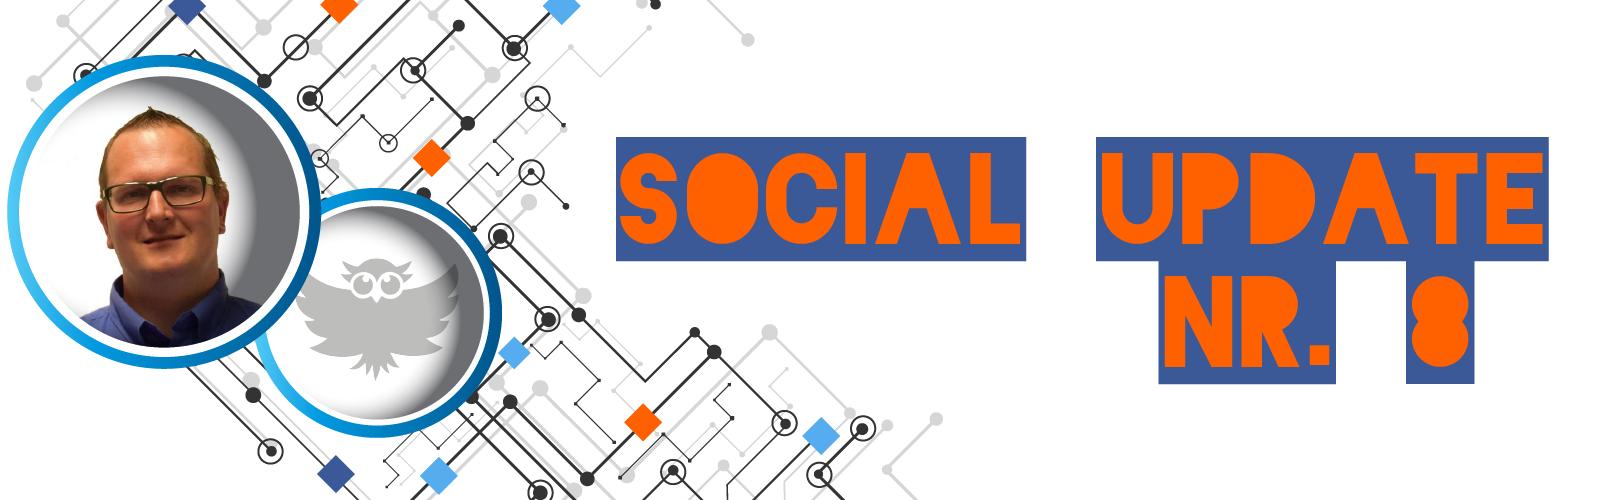 Social Update NR. 8